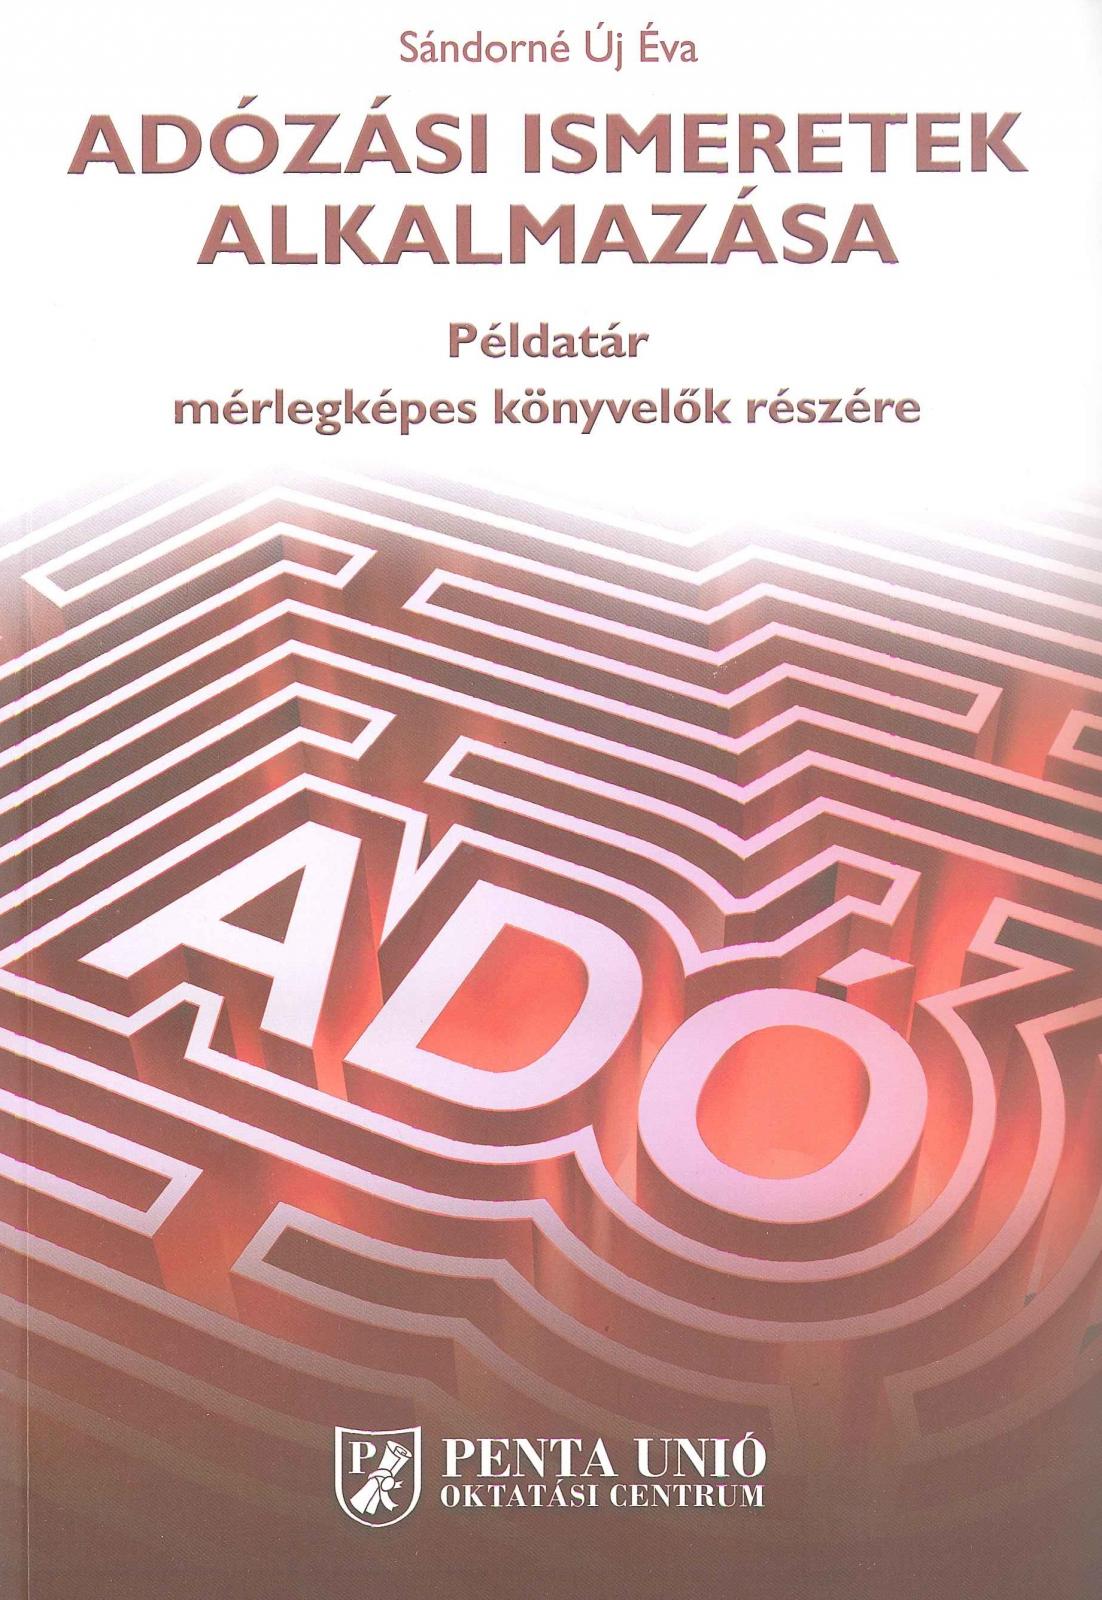 Adózási ismeretek alkalmazása (2019)